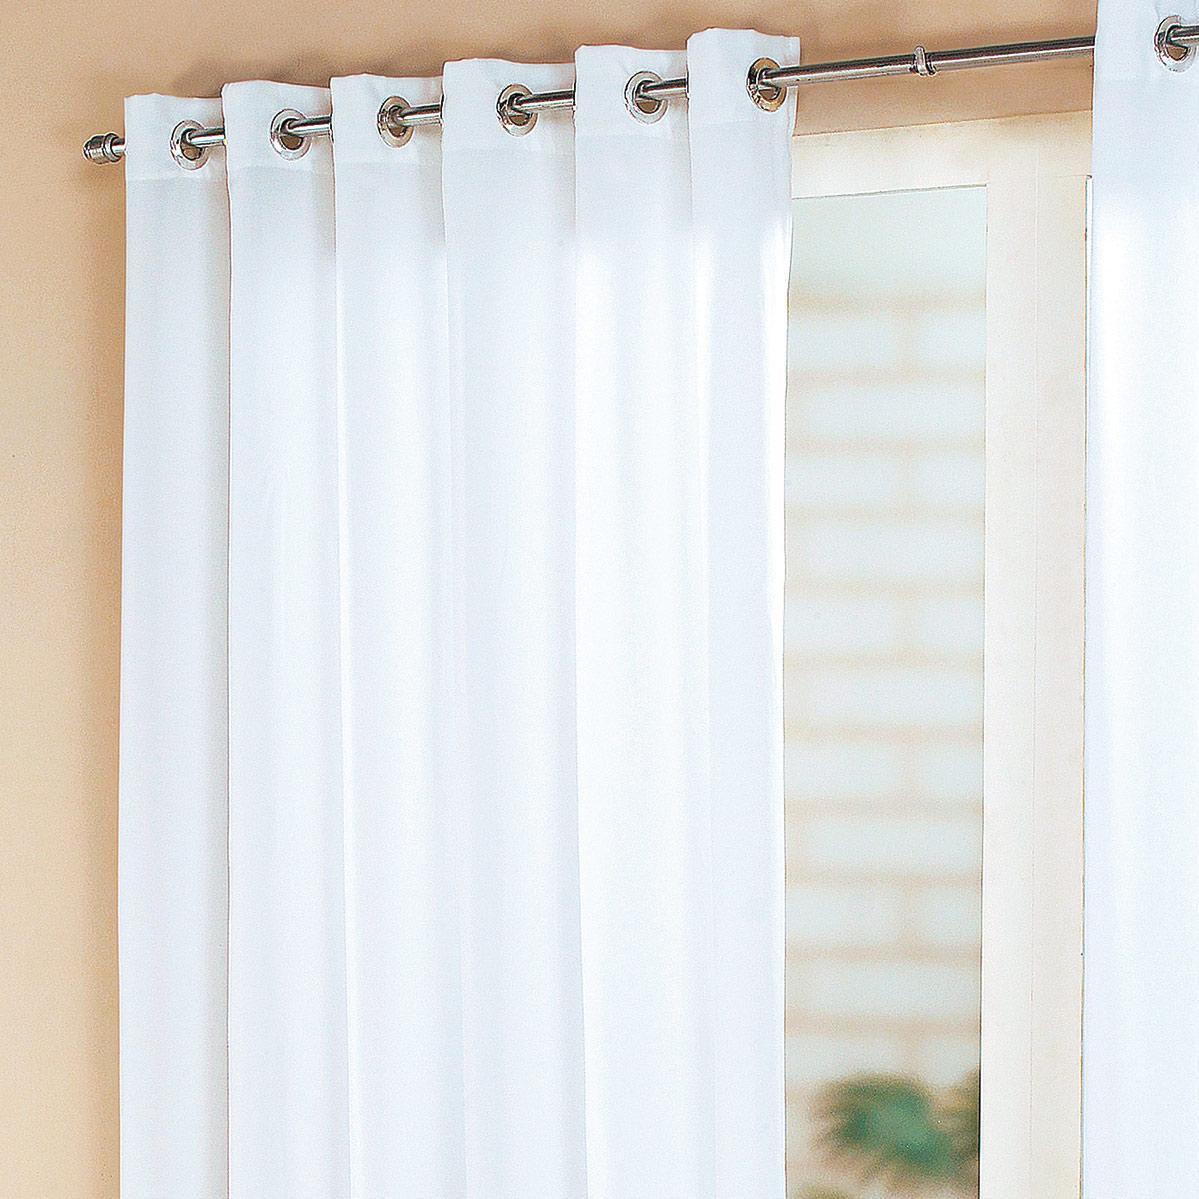 Cortina sala e quarto branco tecido cortelano algodao e for Ganchos de plastico para cortinas